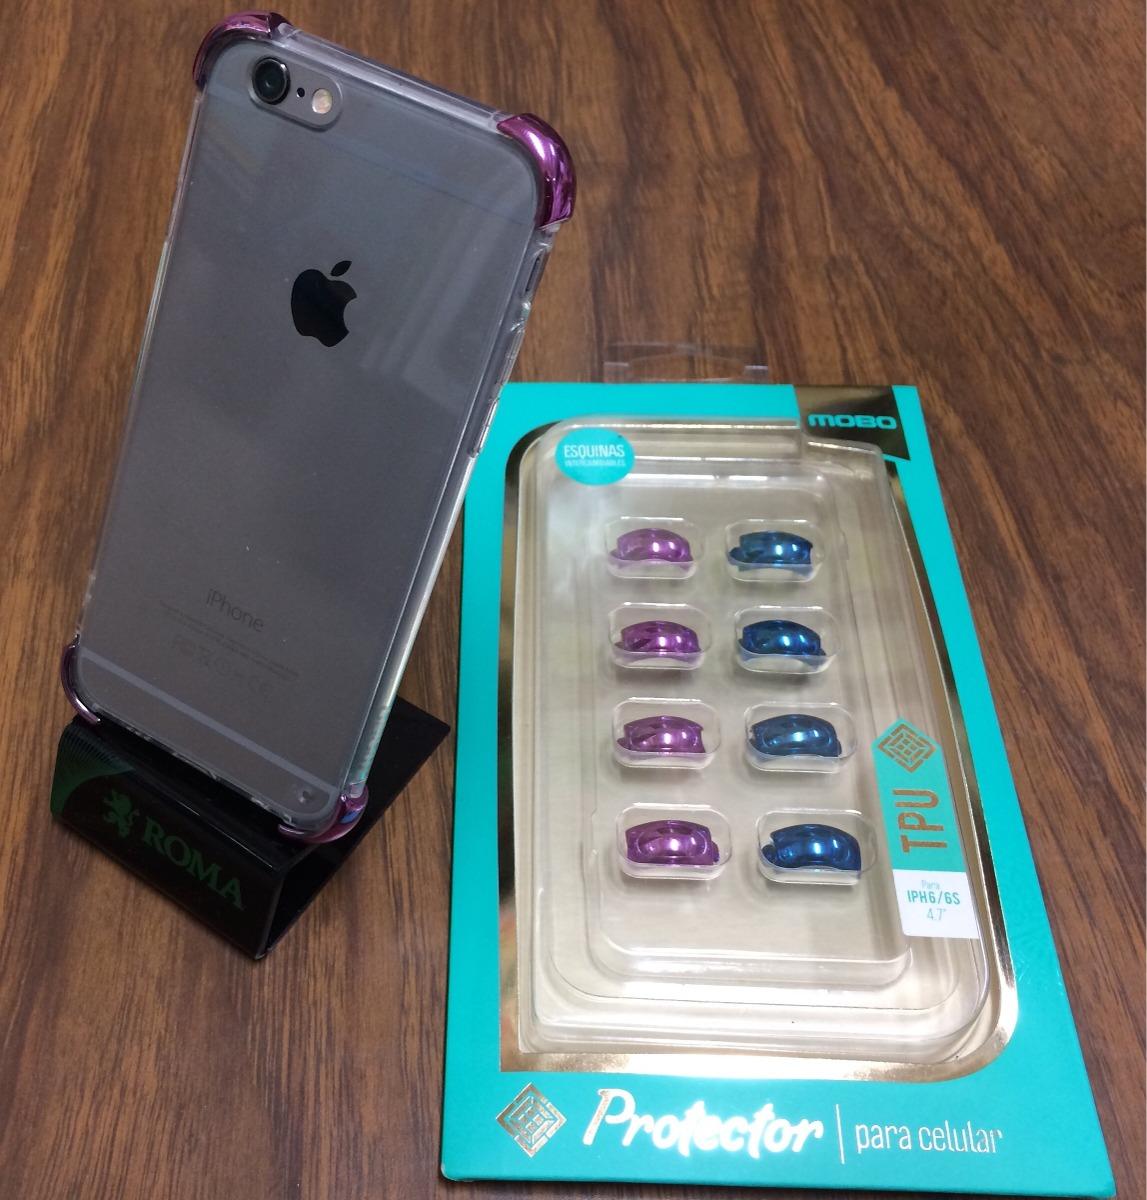 ef723d8385e funda tpu protector mobo esquinas intercambiables iphone 6. Cargando zoom.